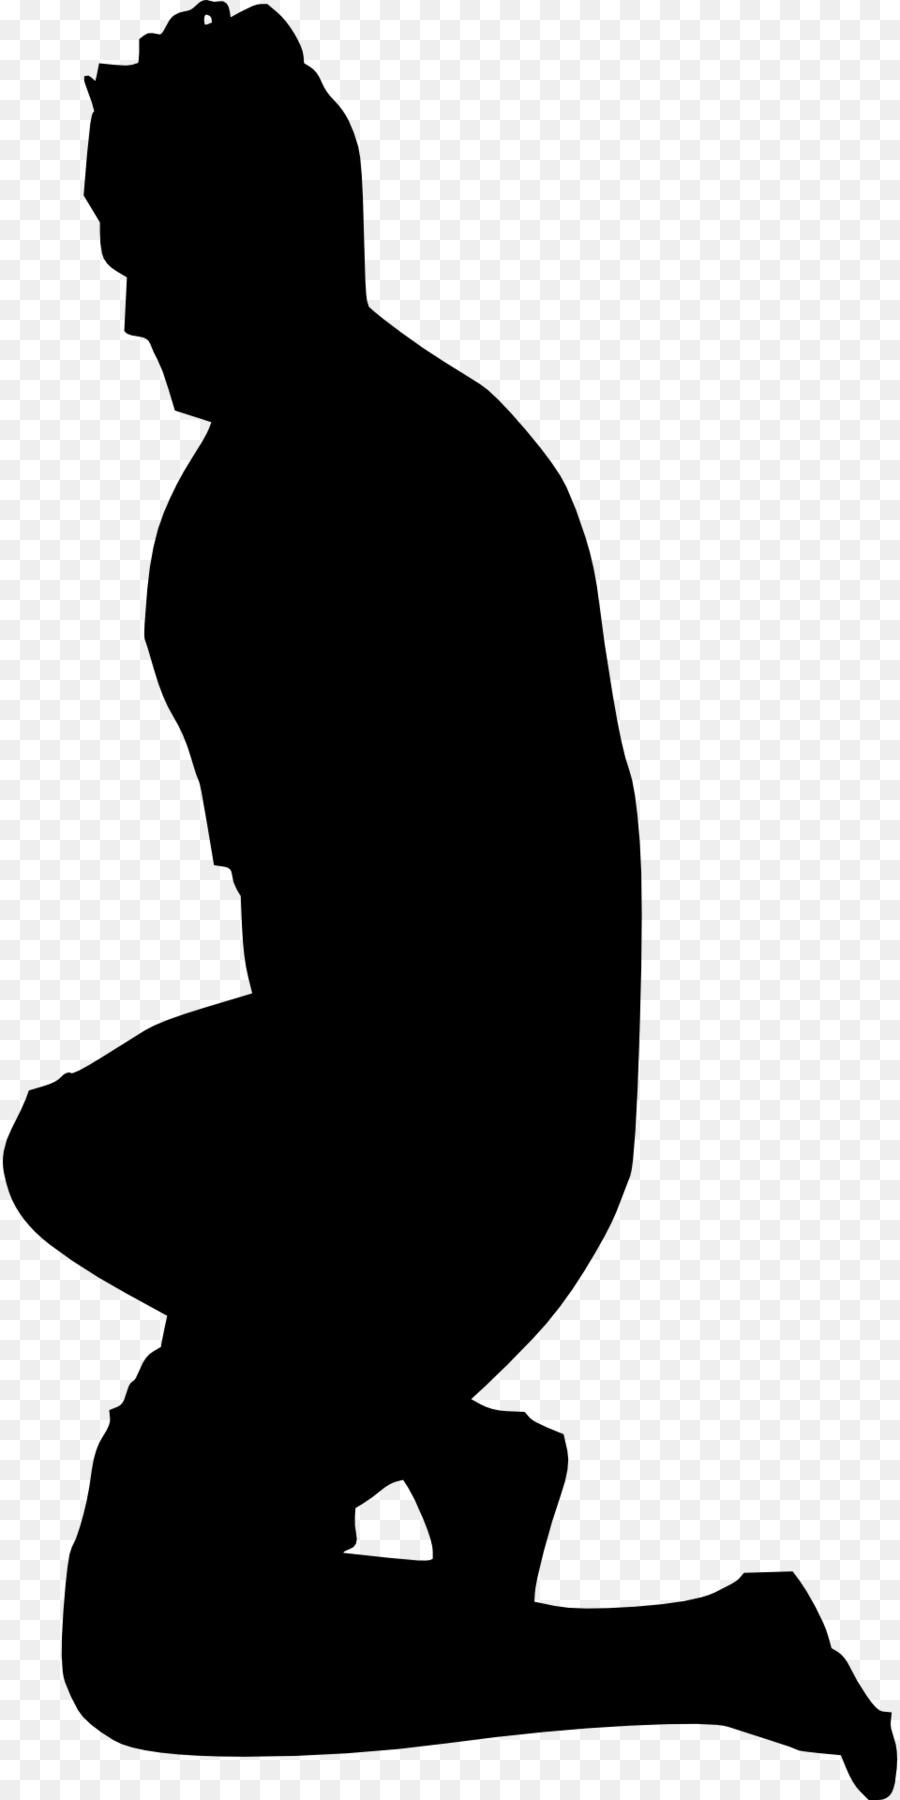 осб картинка человечек на коленях милкой